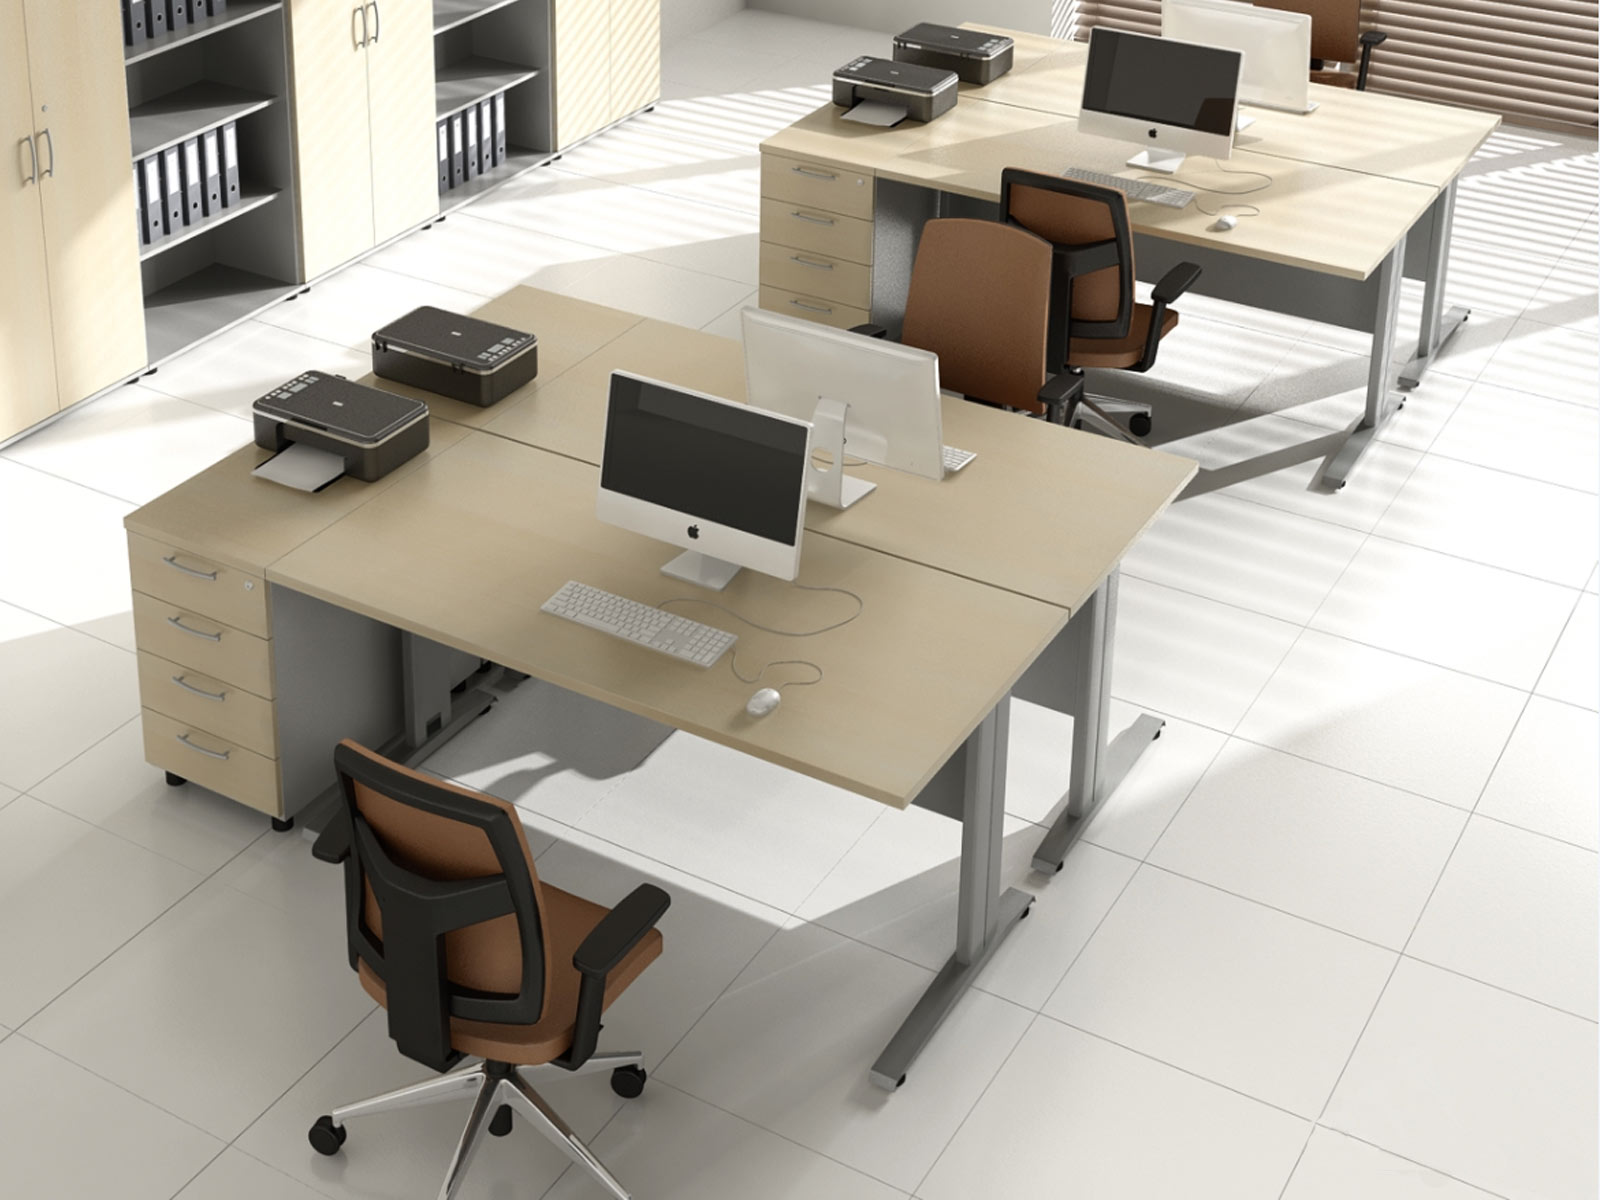 Bureau pour deux personnes d office interior design arch student